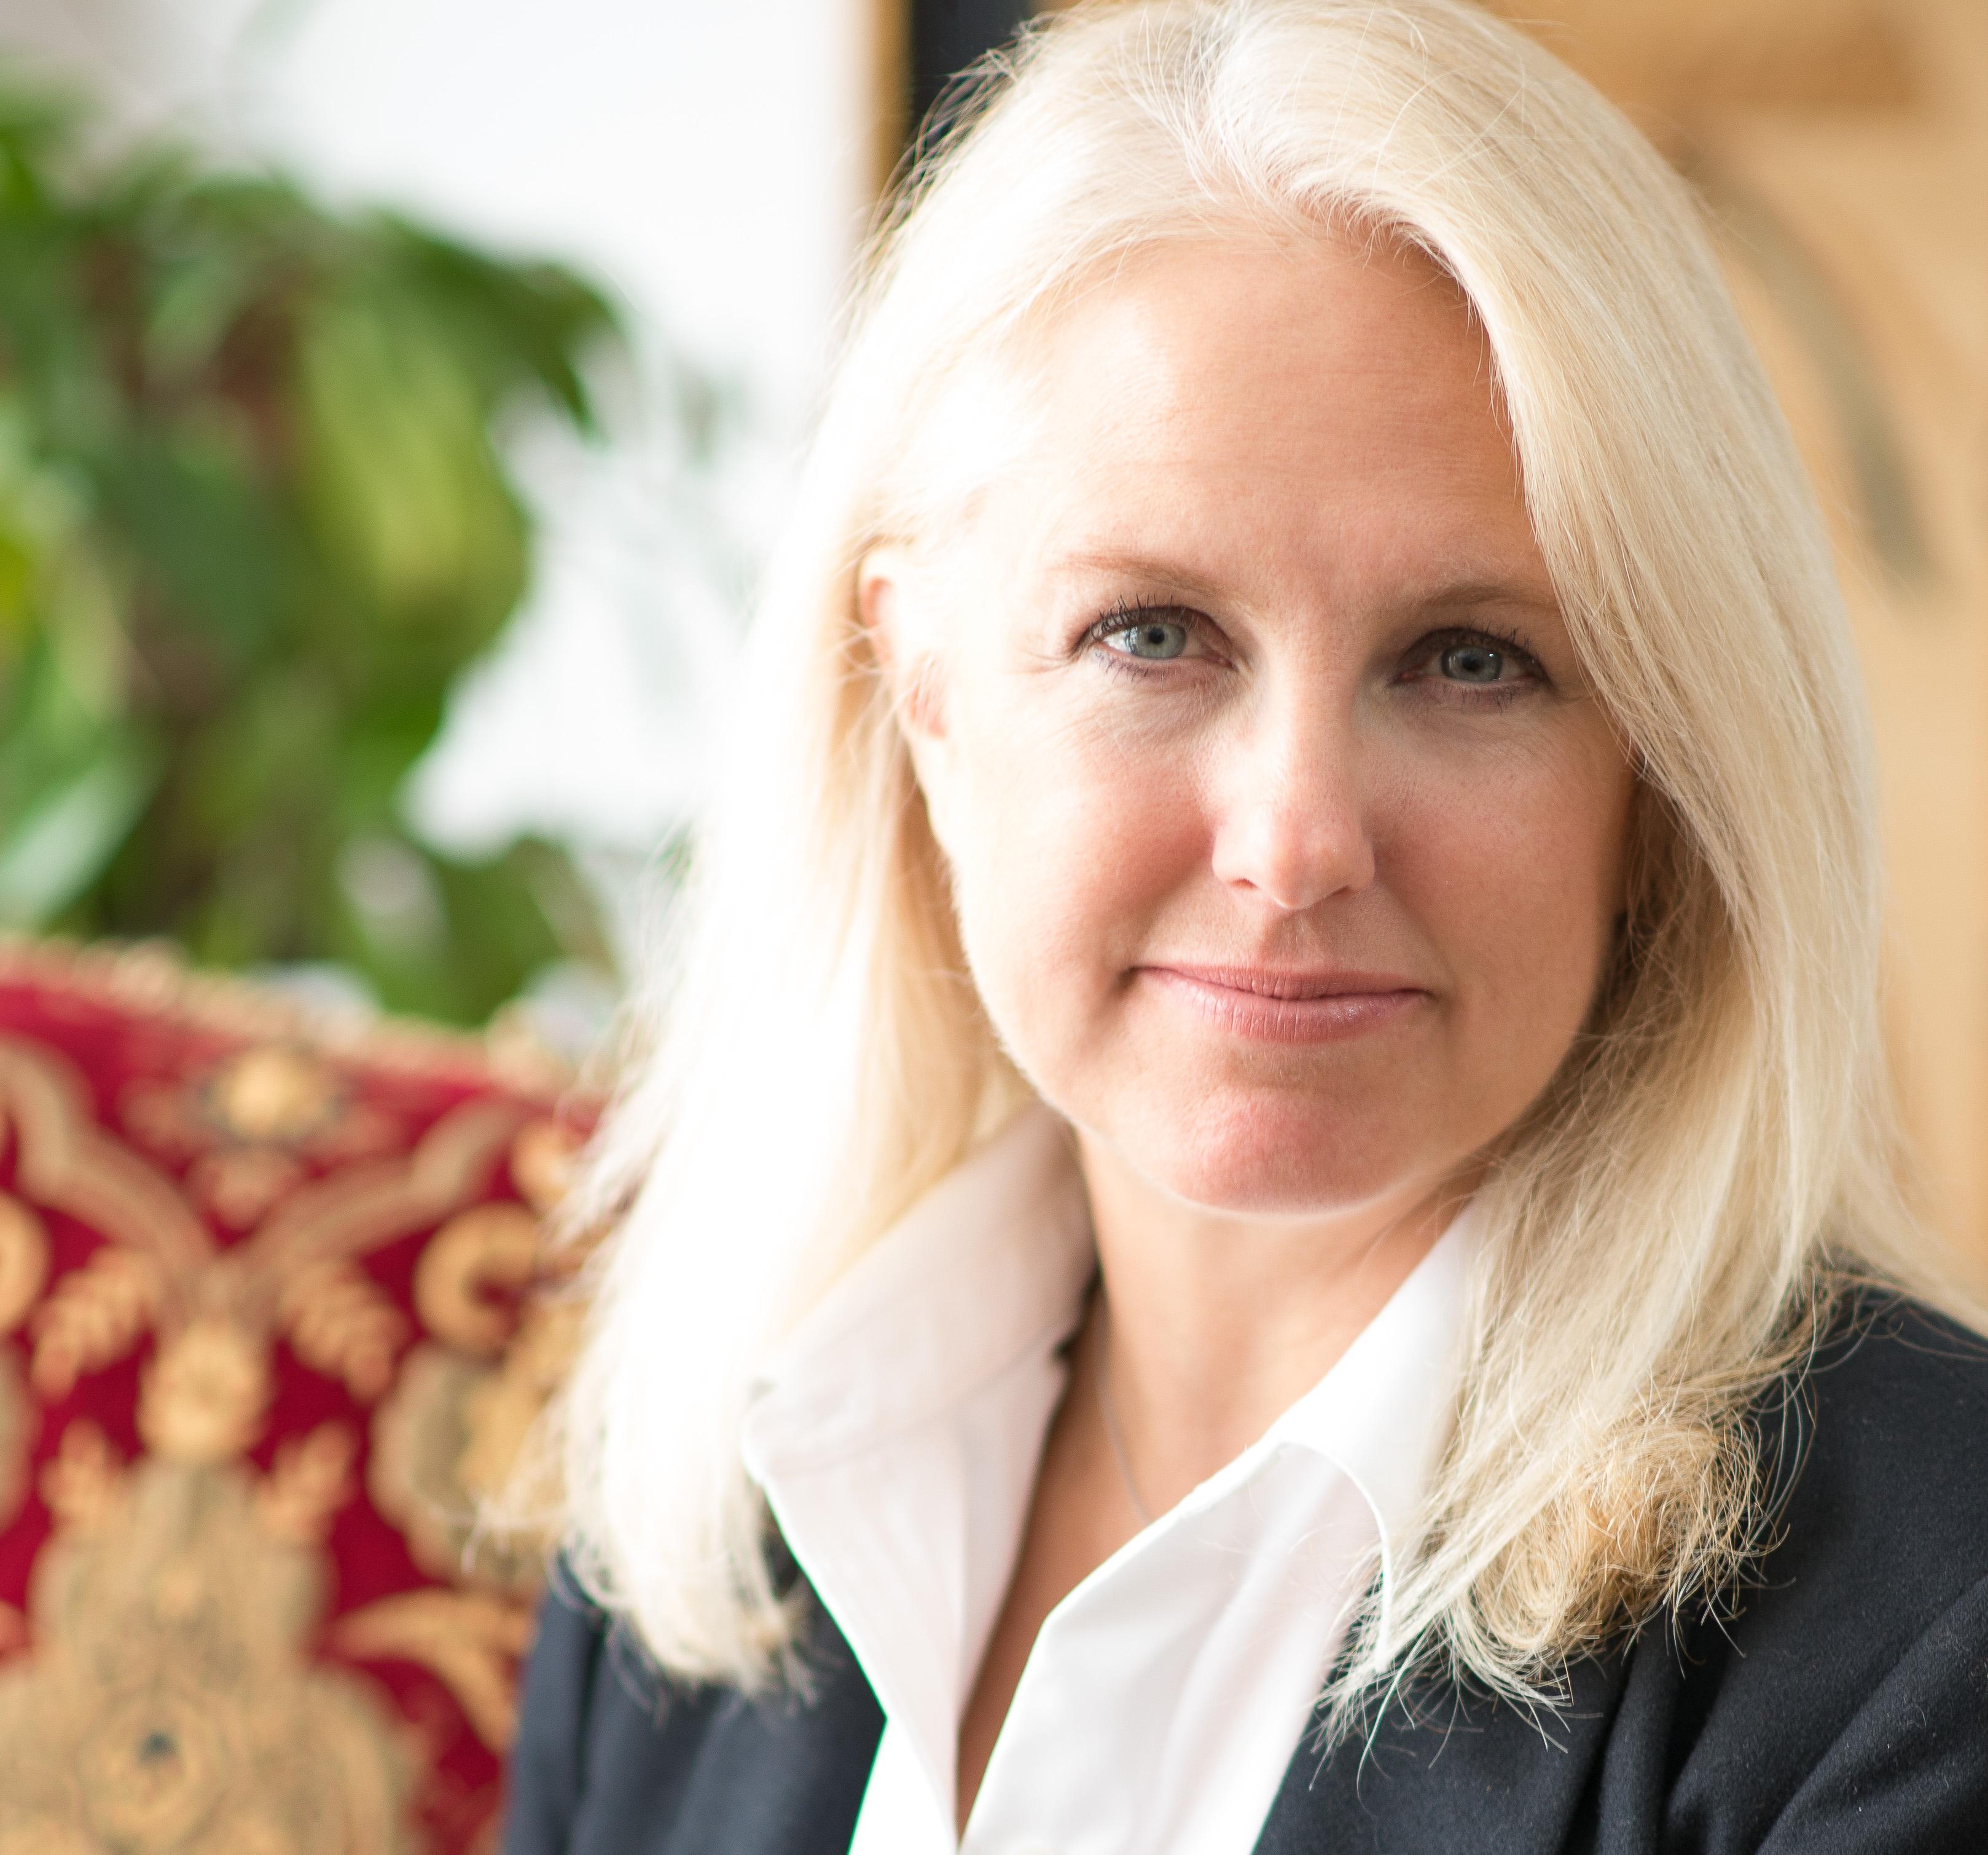 Michele Rae, MA, NBC-HWC